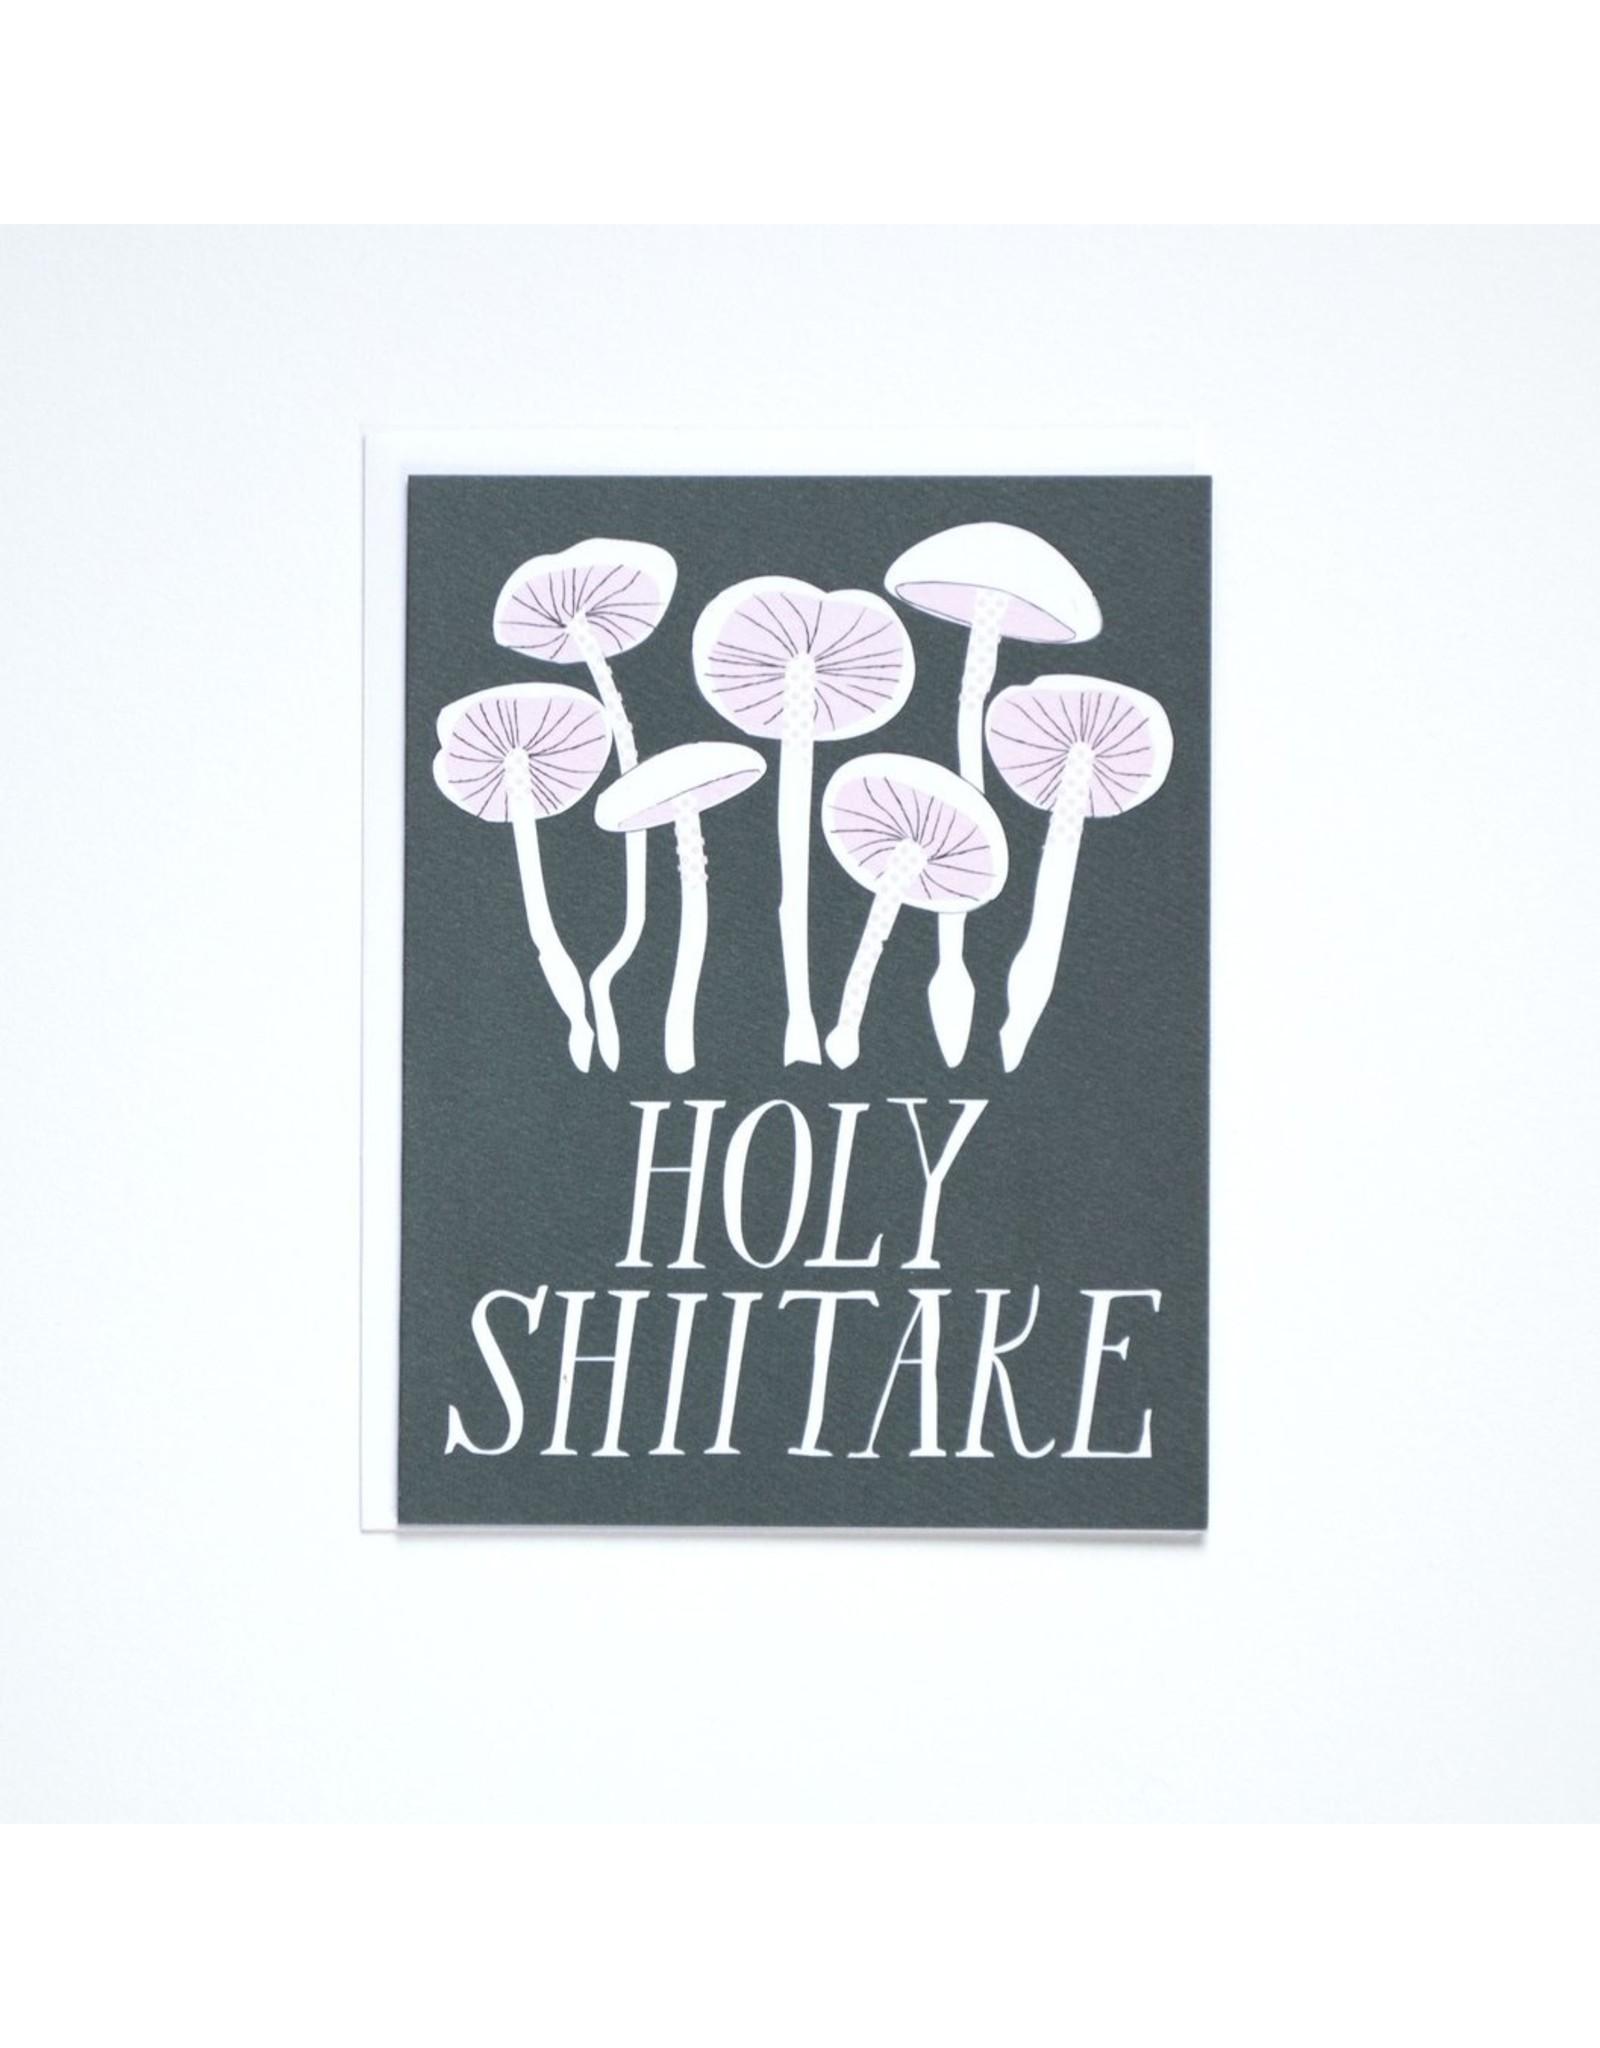 BOP - Holy Shiitake! Card